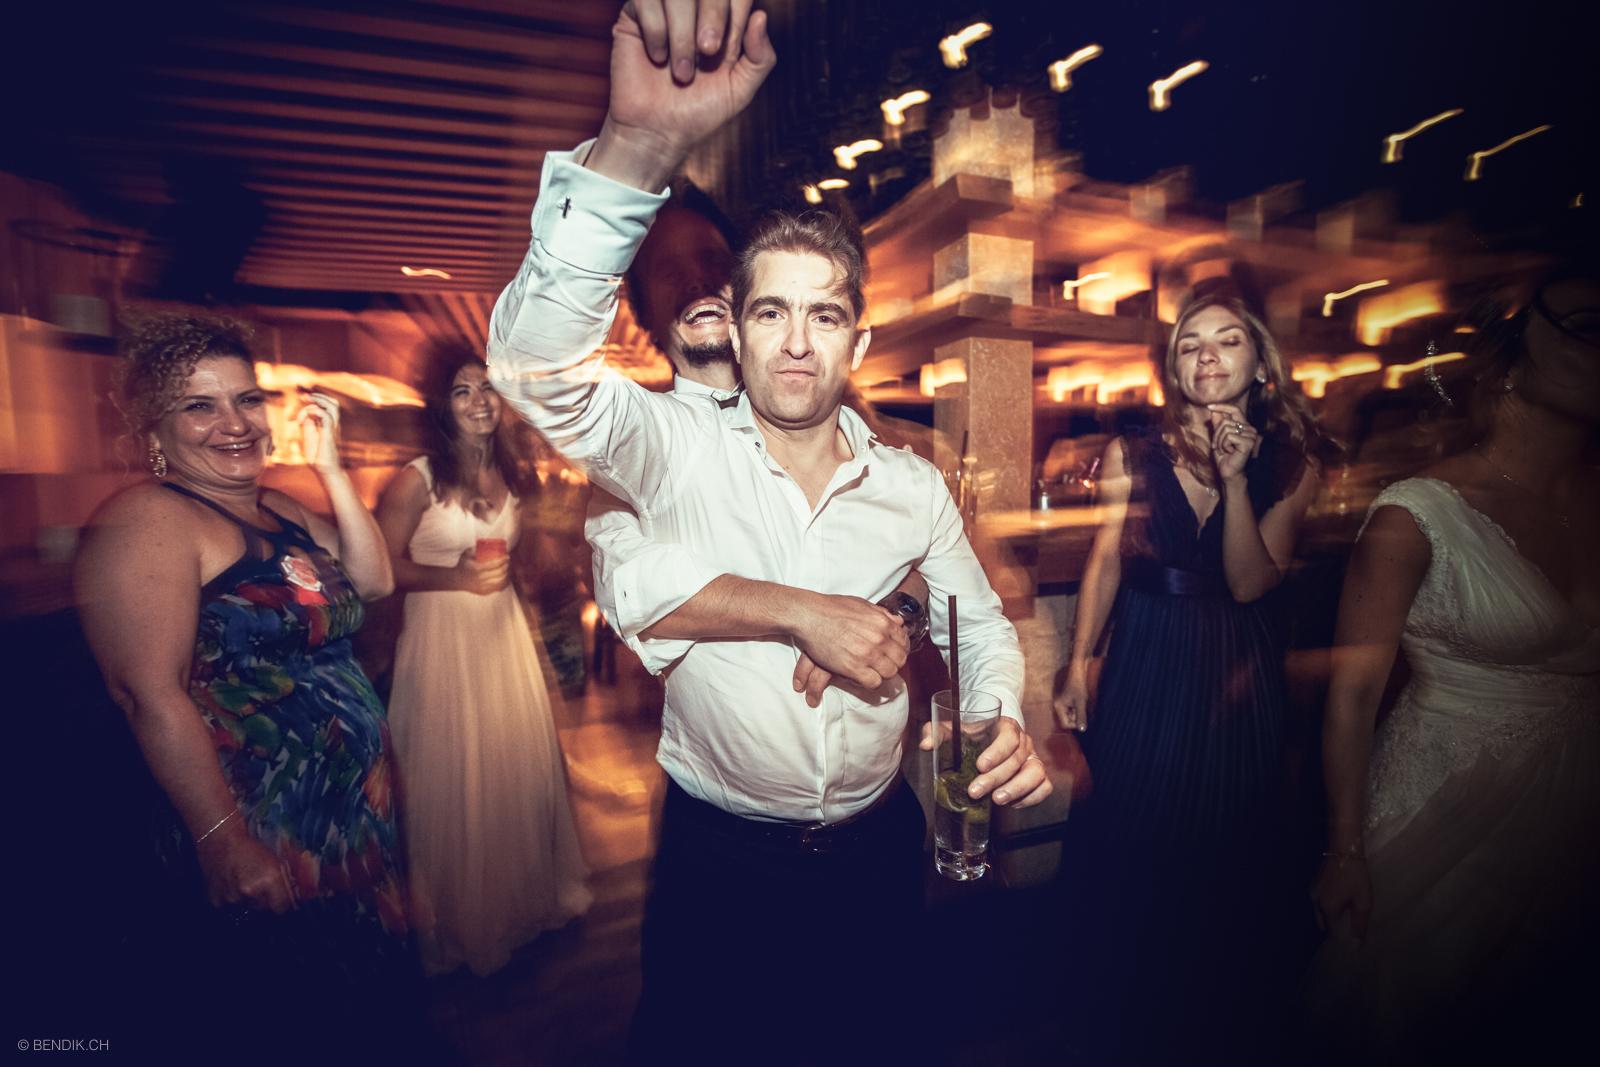 wedding_photoshoot_pinar_tolga20150913_088